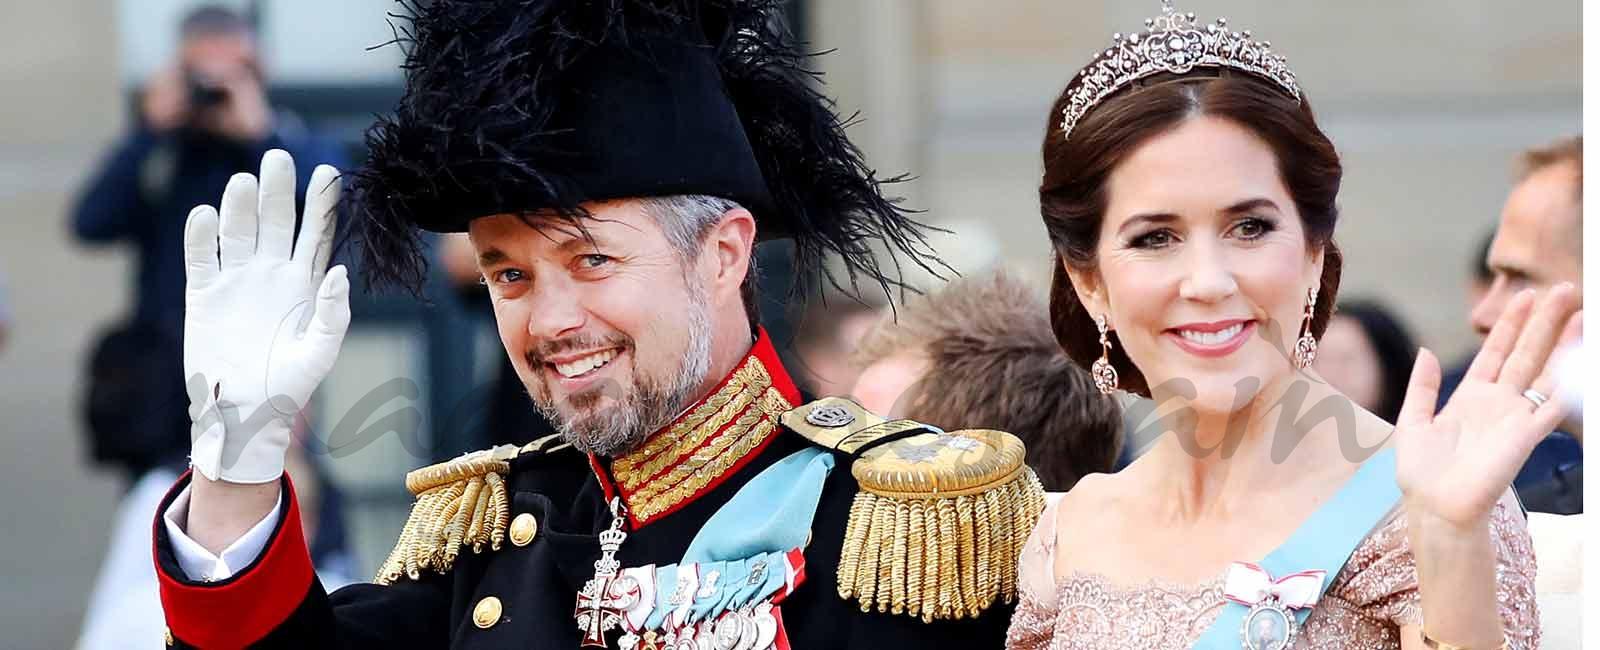 Las mejores imágenes de la cena de gala con motivo del 50 cumpleaños del príncipe Federico